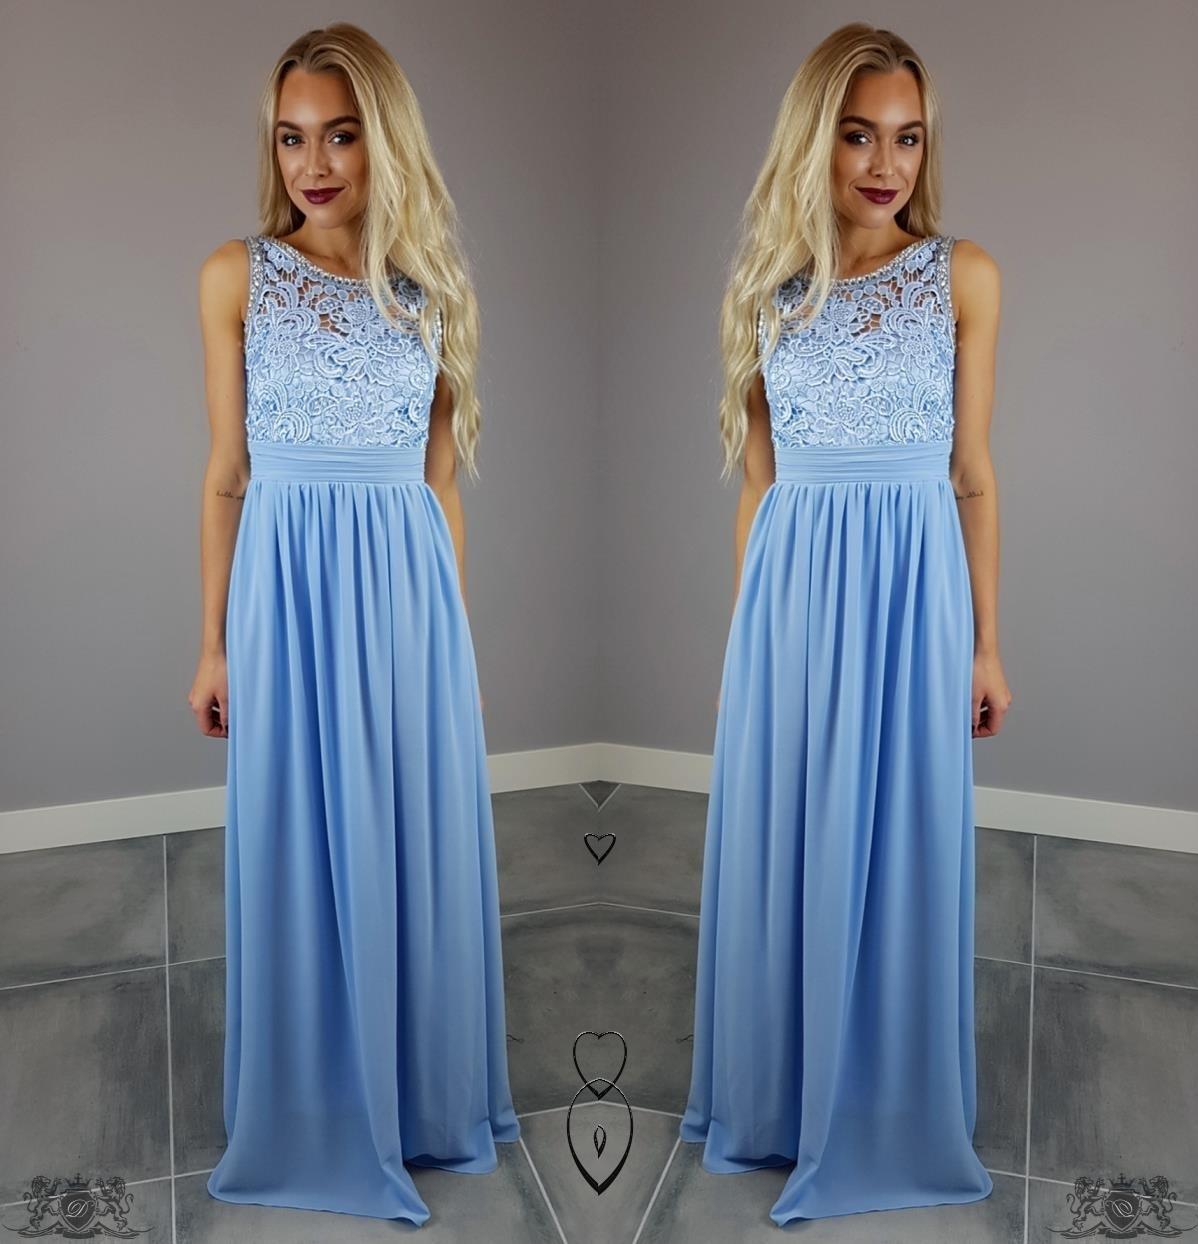 Błękitna Długa Sukienka Ciążowa Wesele Xxl 7414063839 Oficjalne